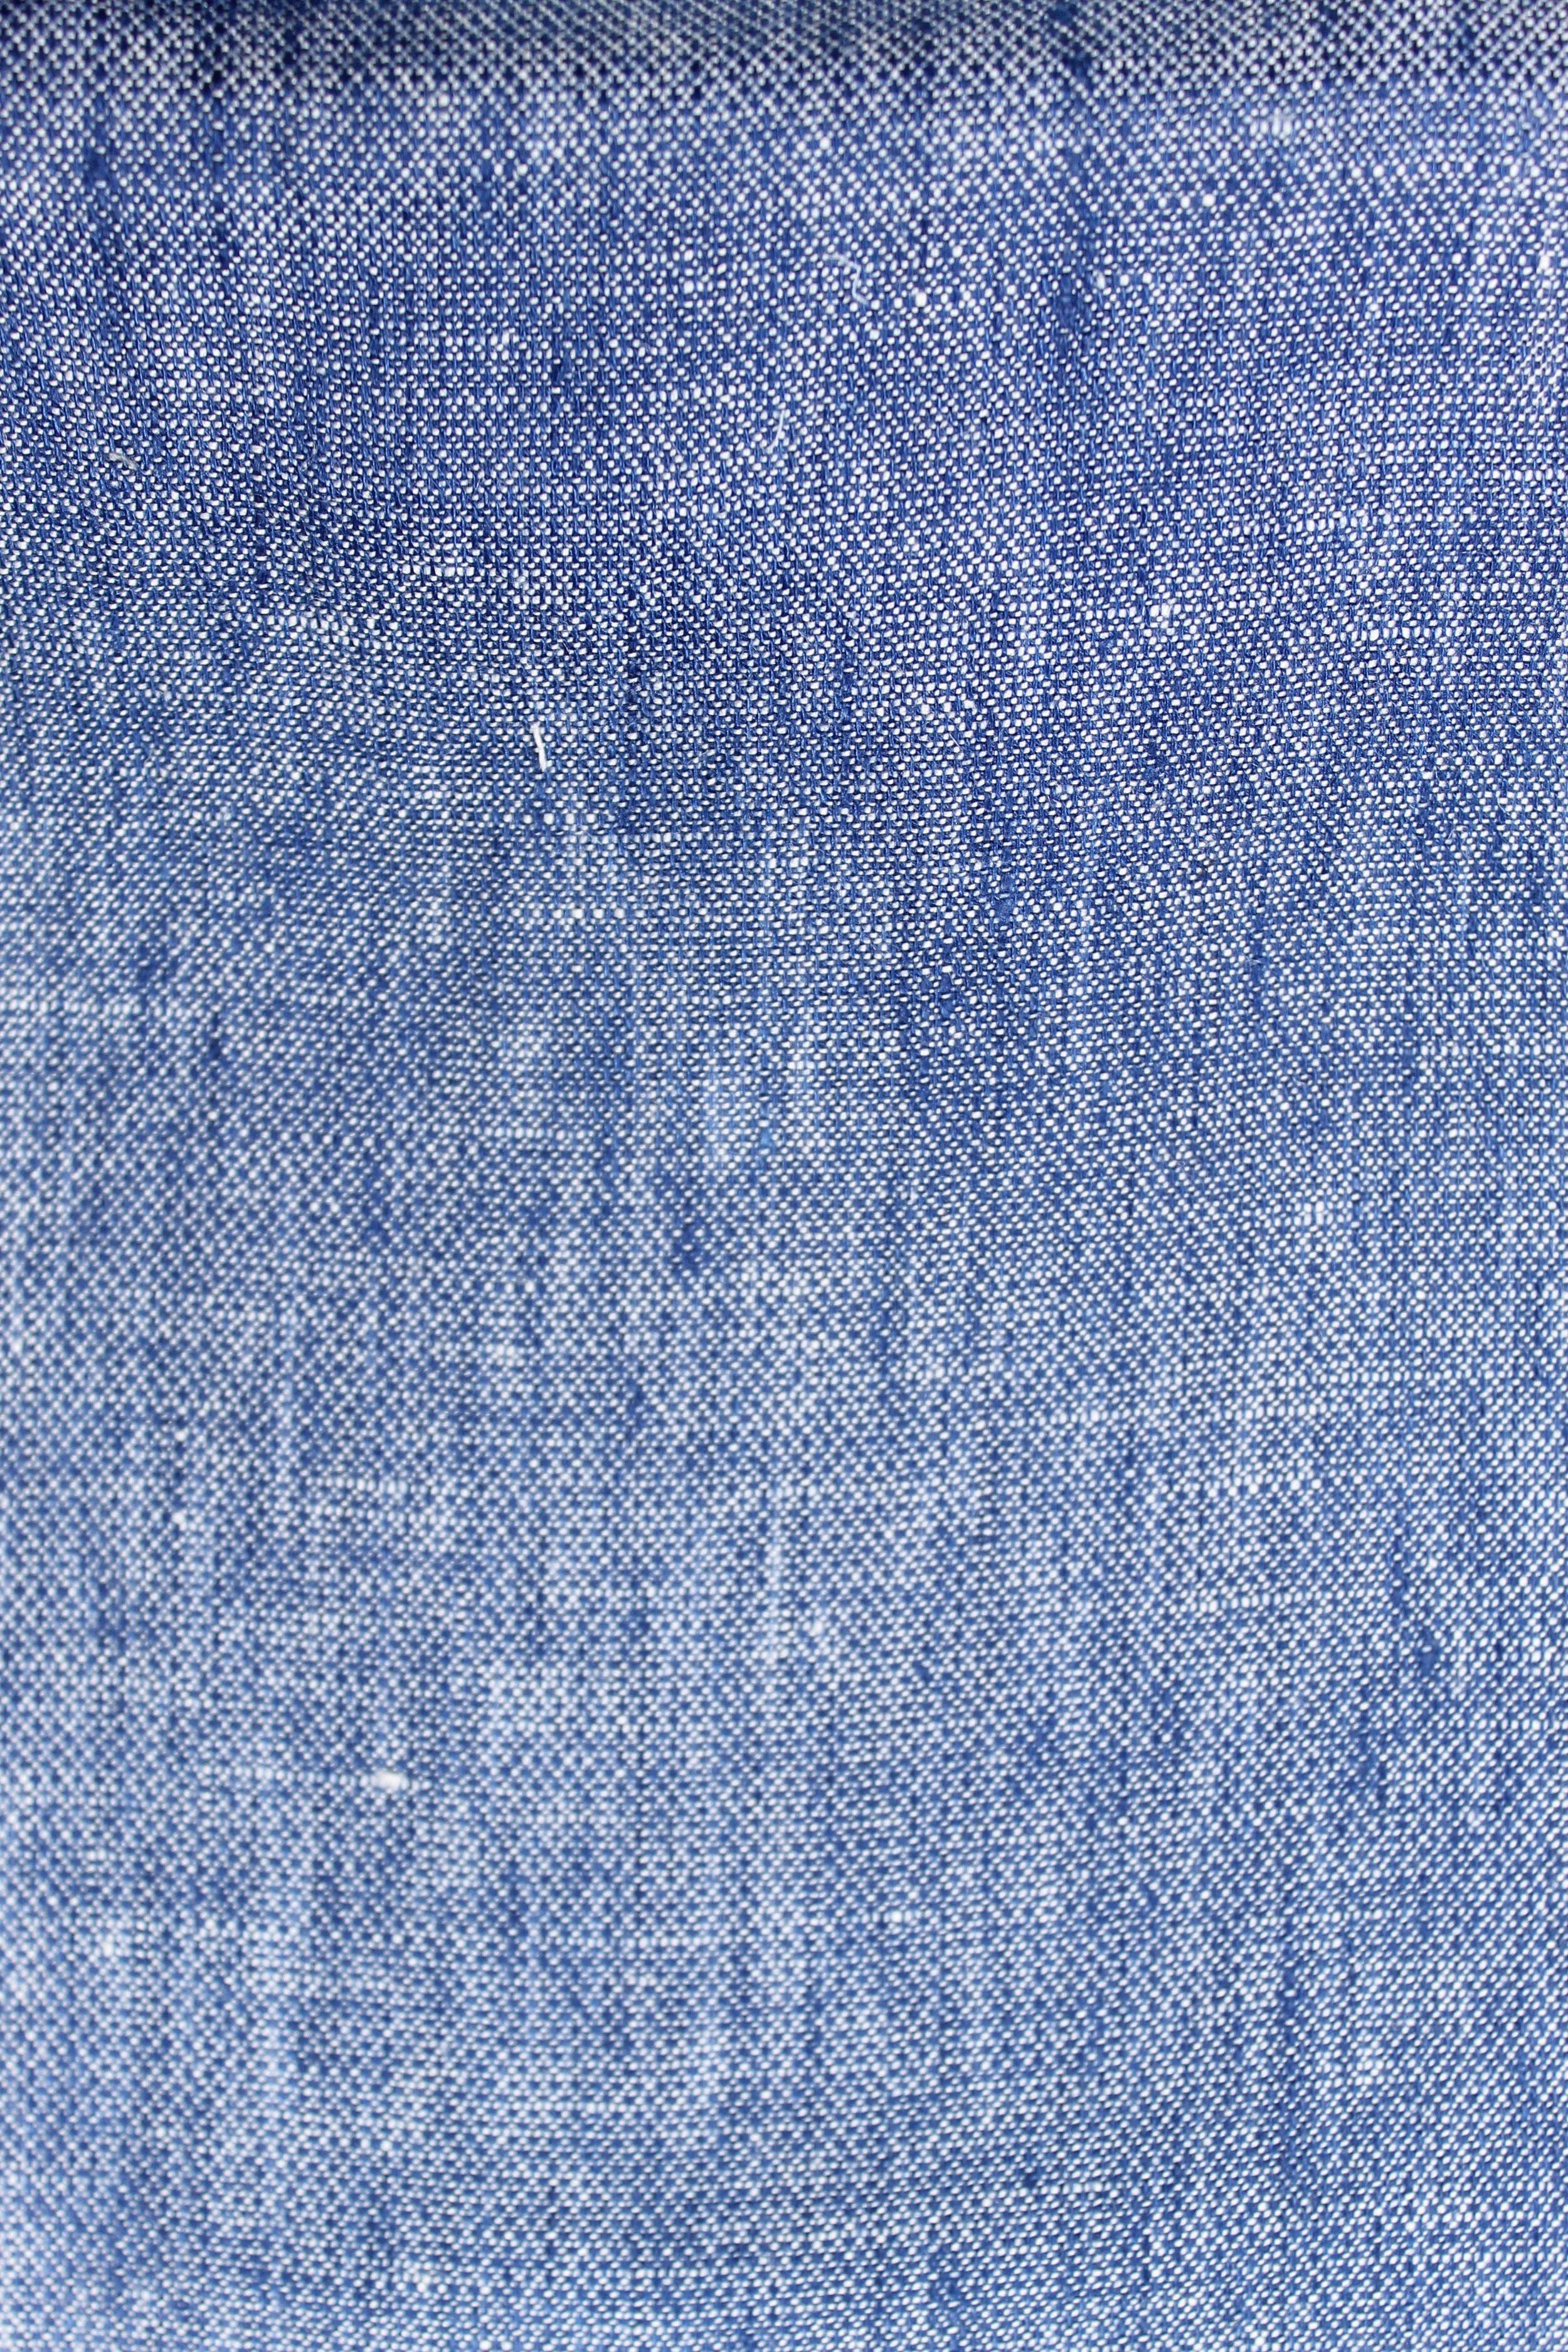 L132 Blue Cotton Textured.JPG